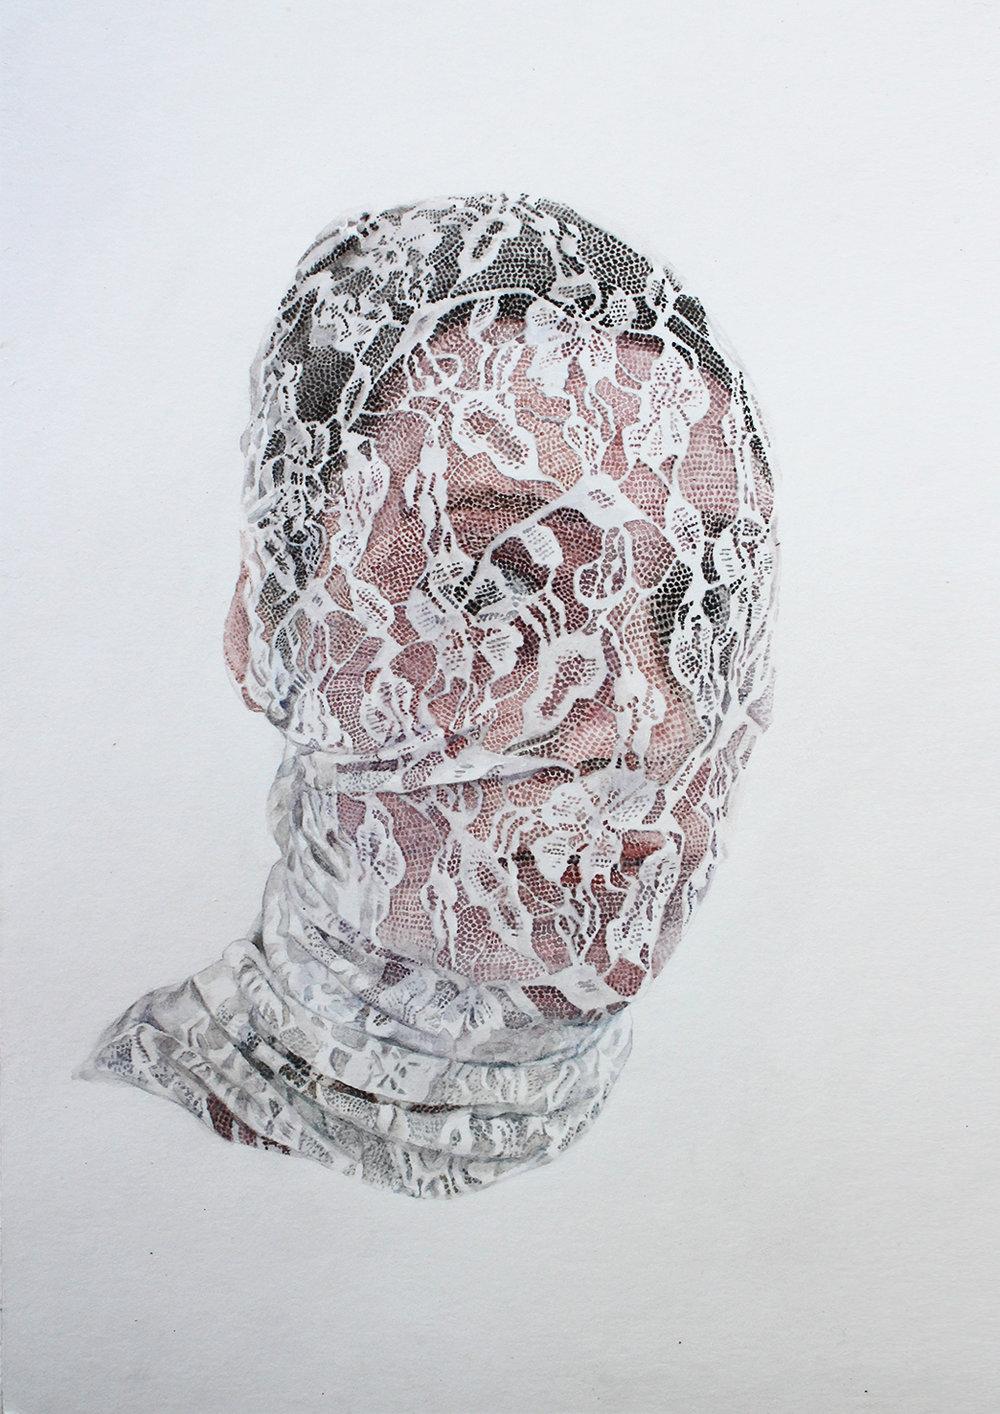 ilene bothma, watercolour 1-1.jpg